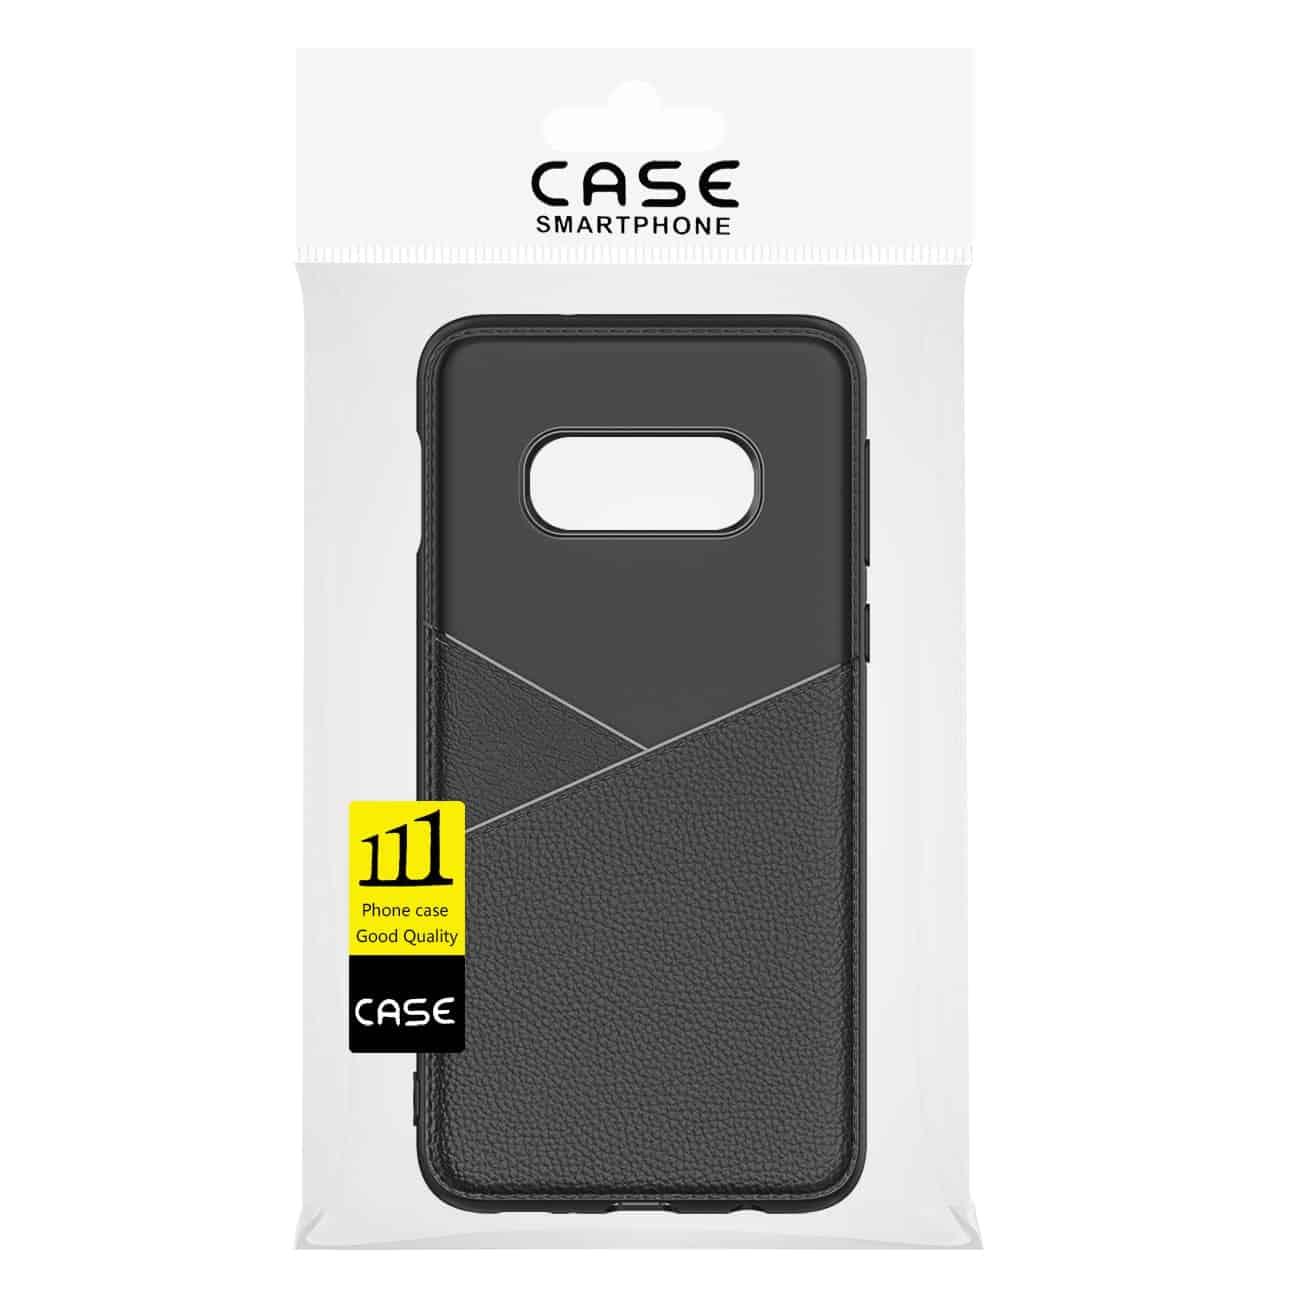 SAMSUNG GALAXY S10 Lite Soft Case in Black